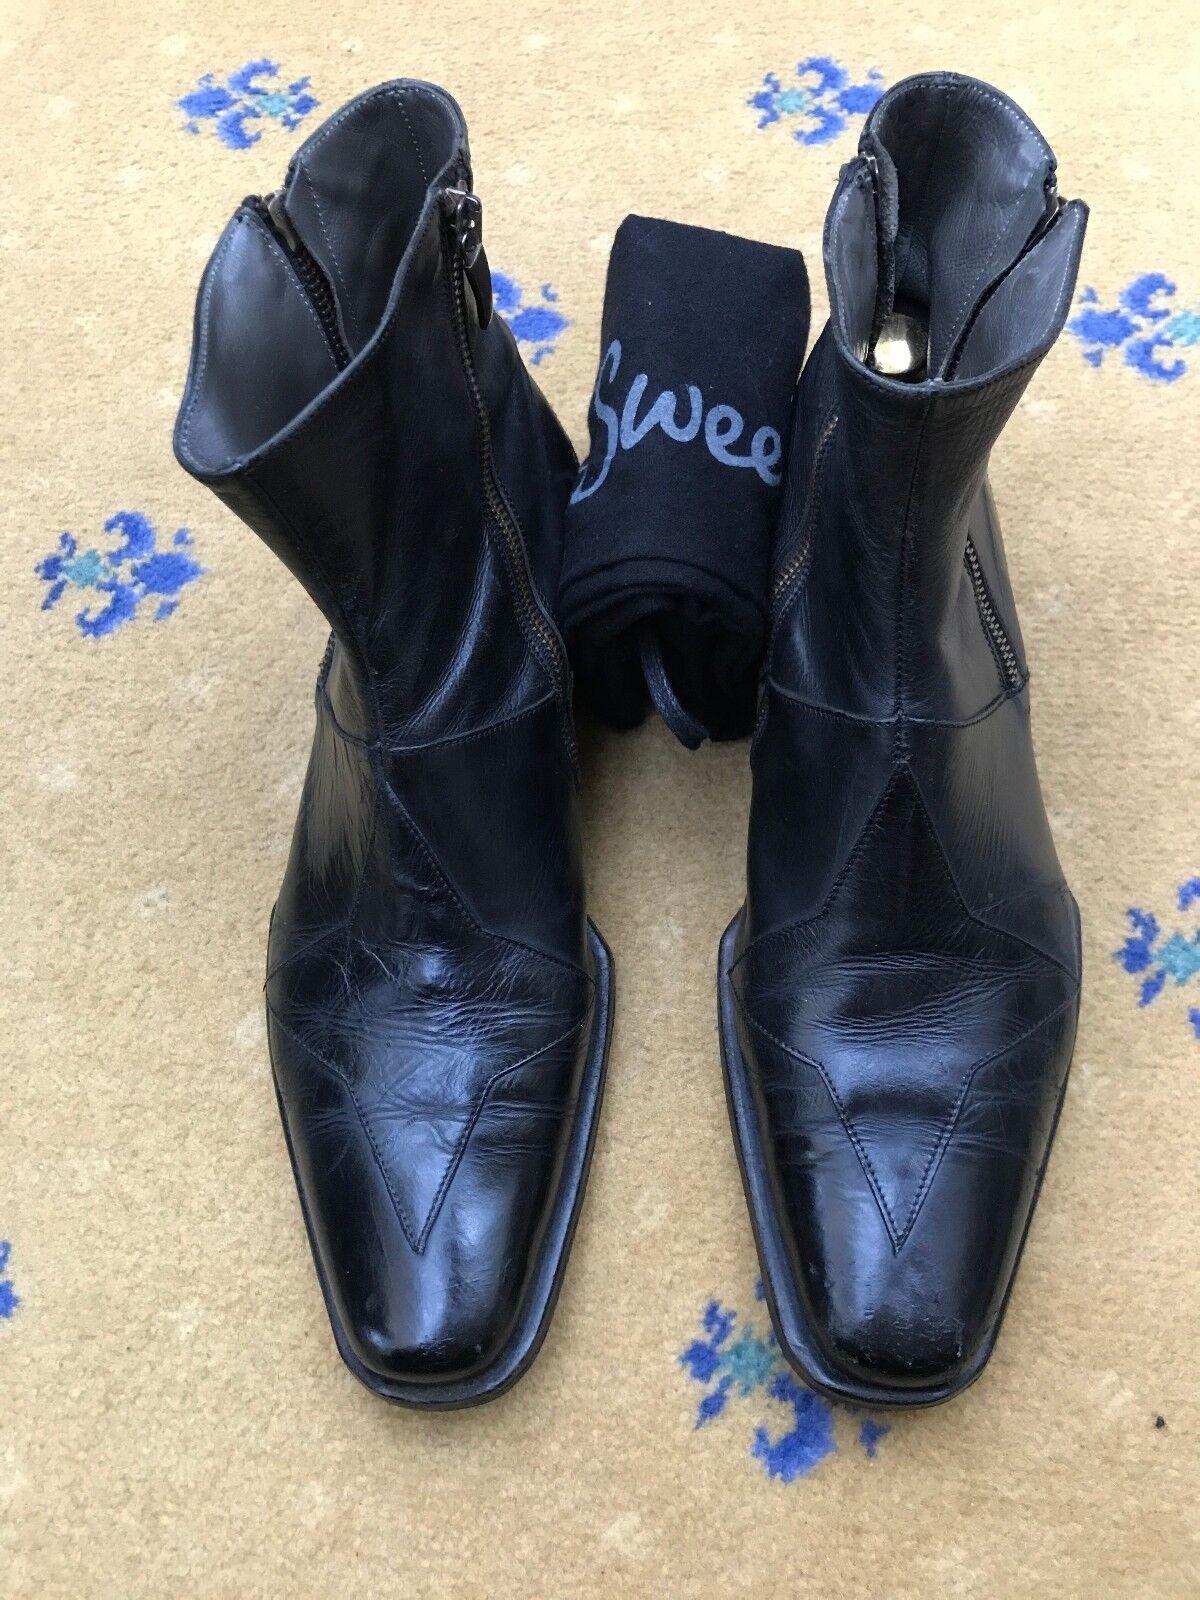 Oliver Sweeney de cuero Negro para Hombre botas Distribuidor Chelsea nos 10 Brújula